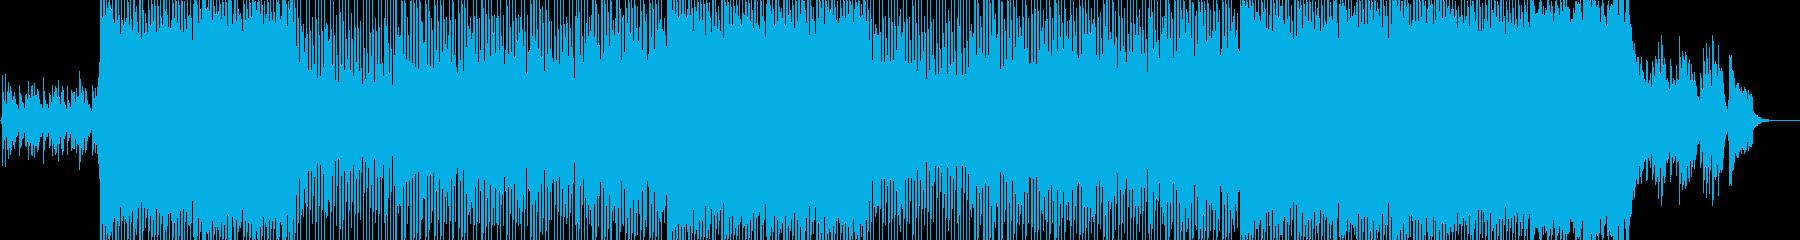 ピアノ主体の爽やか癒し系トラックの再生済みの波形